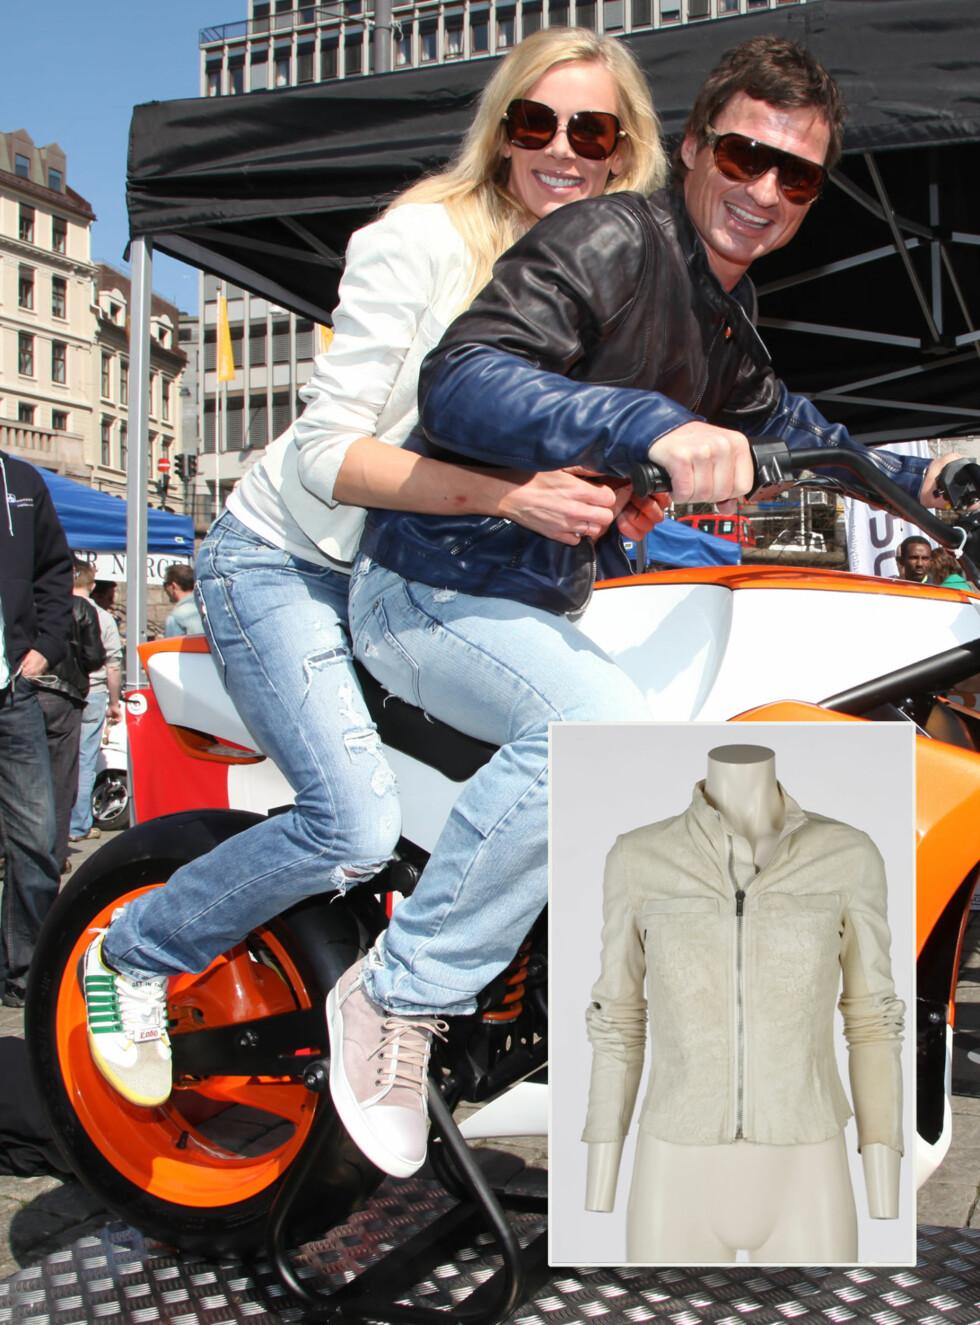 BIKERBABE: Gunhild Stordalen var iført en kremhvit skinnjakke da hun satt bakpå motorsykkelen til Peter Stordalen på hotellåpning i 2009. Nå er jakken fra Rick Owens lagt ut til salgs på nettloppemarkedet Bloppis.no. Startprisen er 2000 kroner.